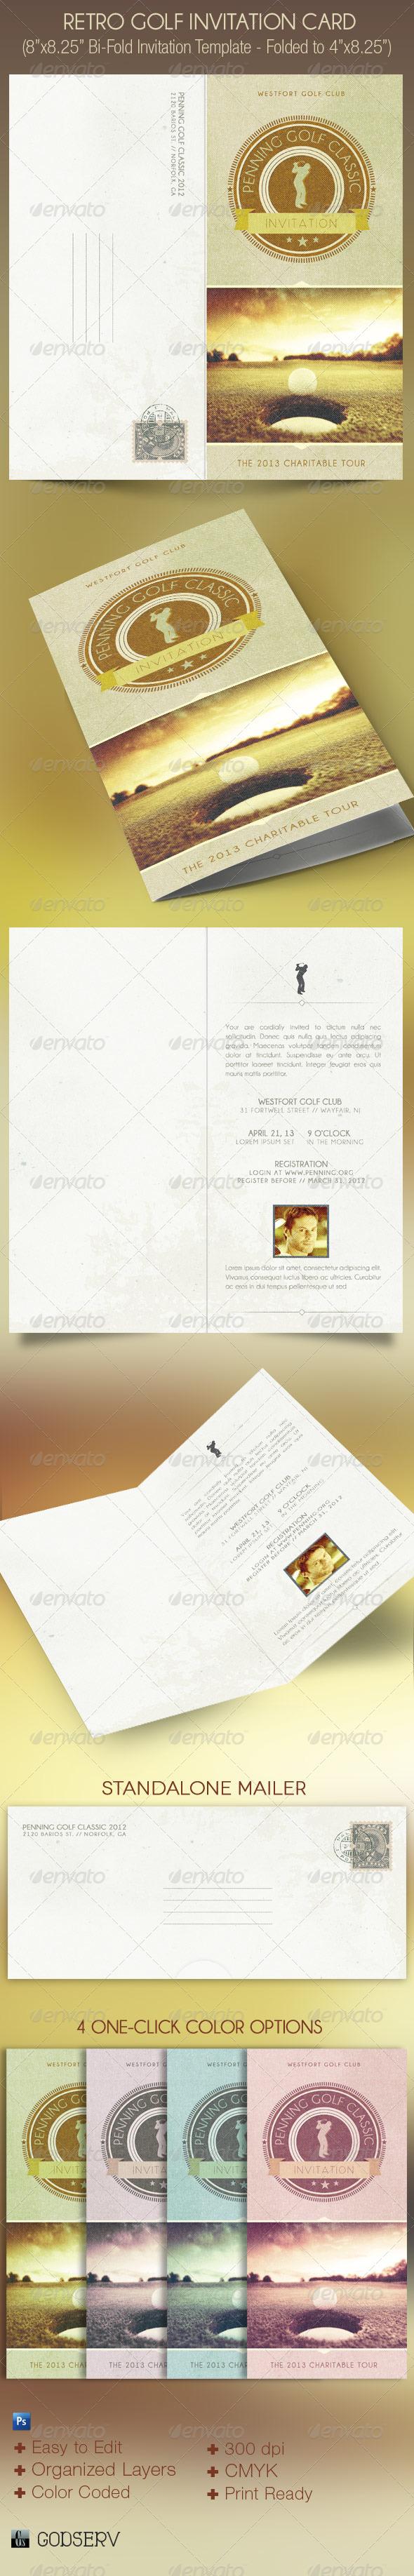 GraphicRiver Retro Golf Invitation Card Template 4571443